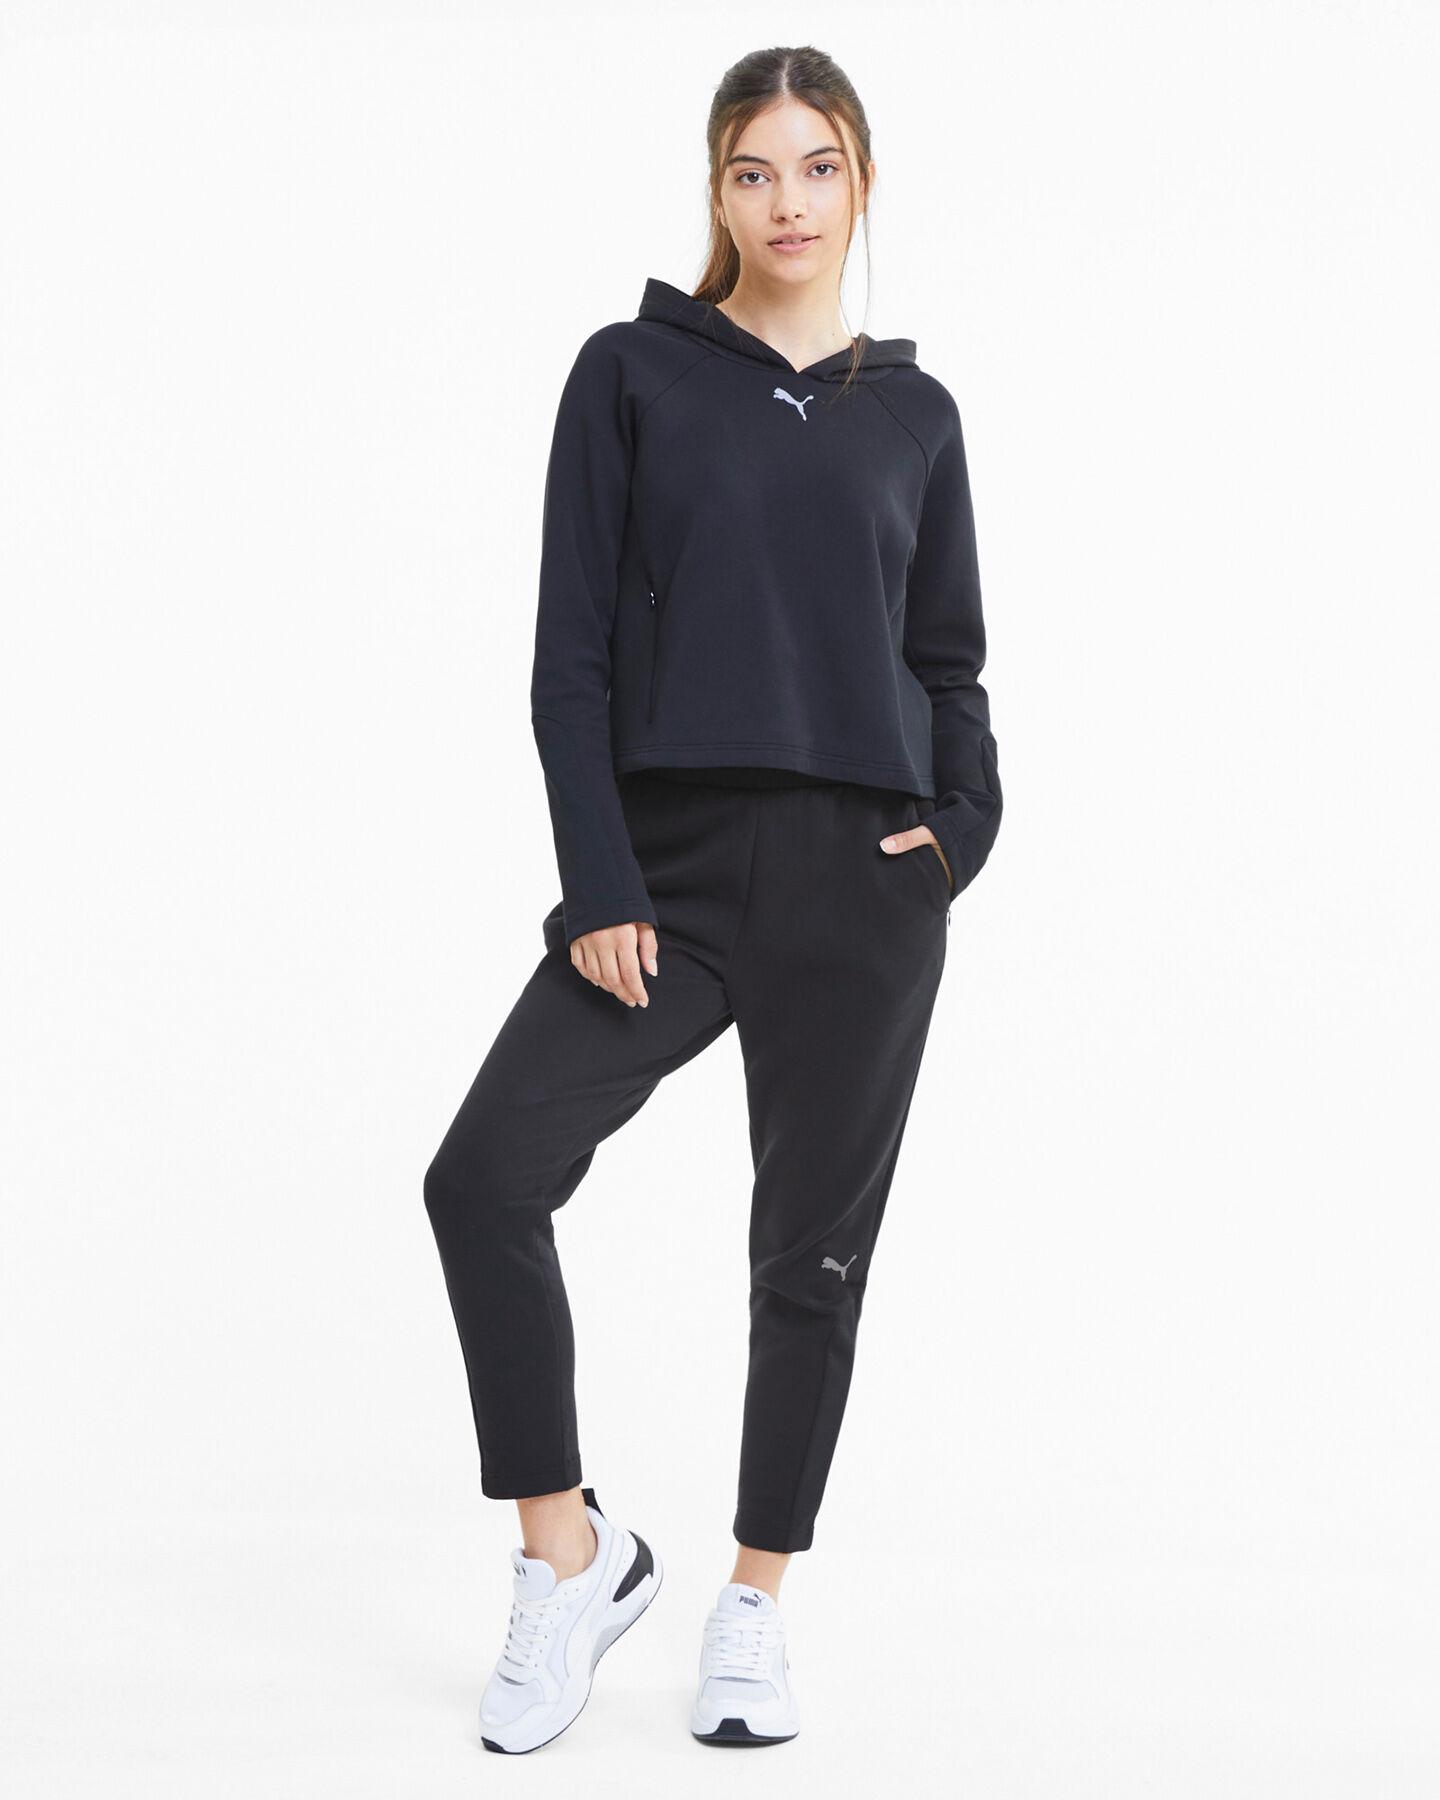 Pantalone PUMA DOUBLE W S5235217 scatto 4